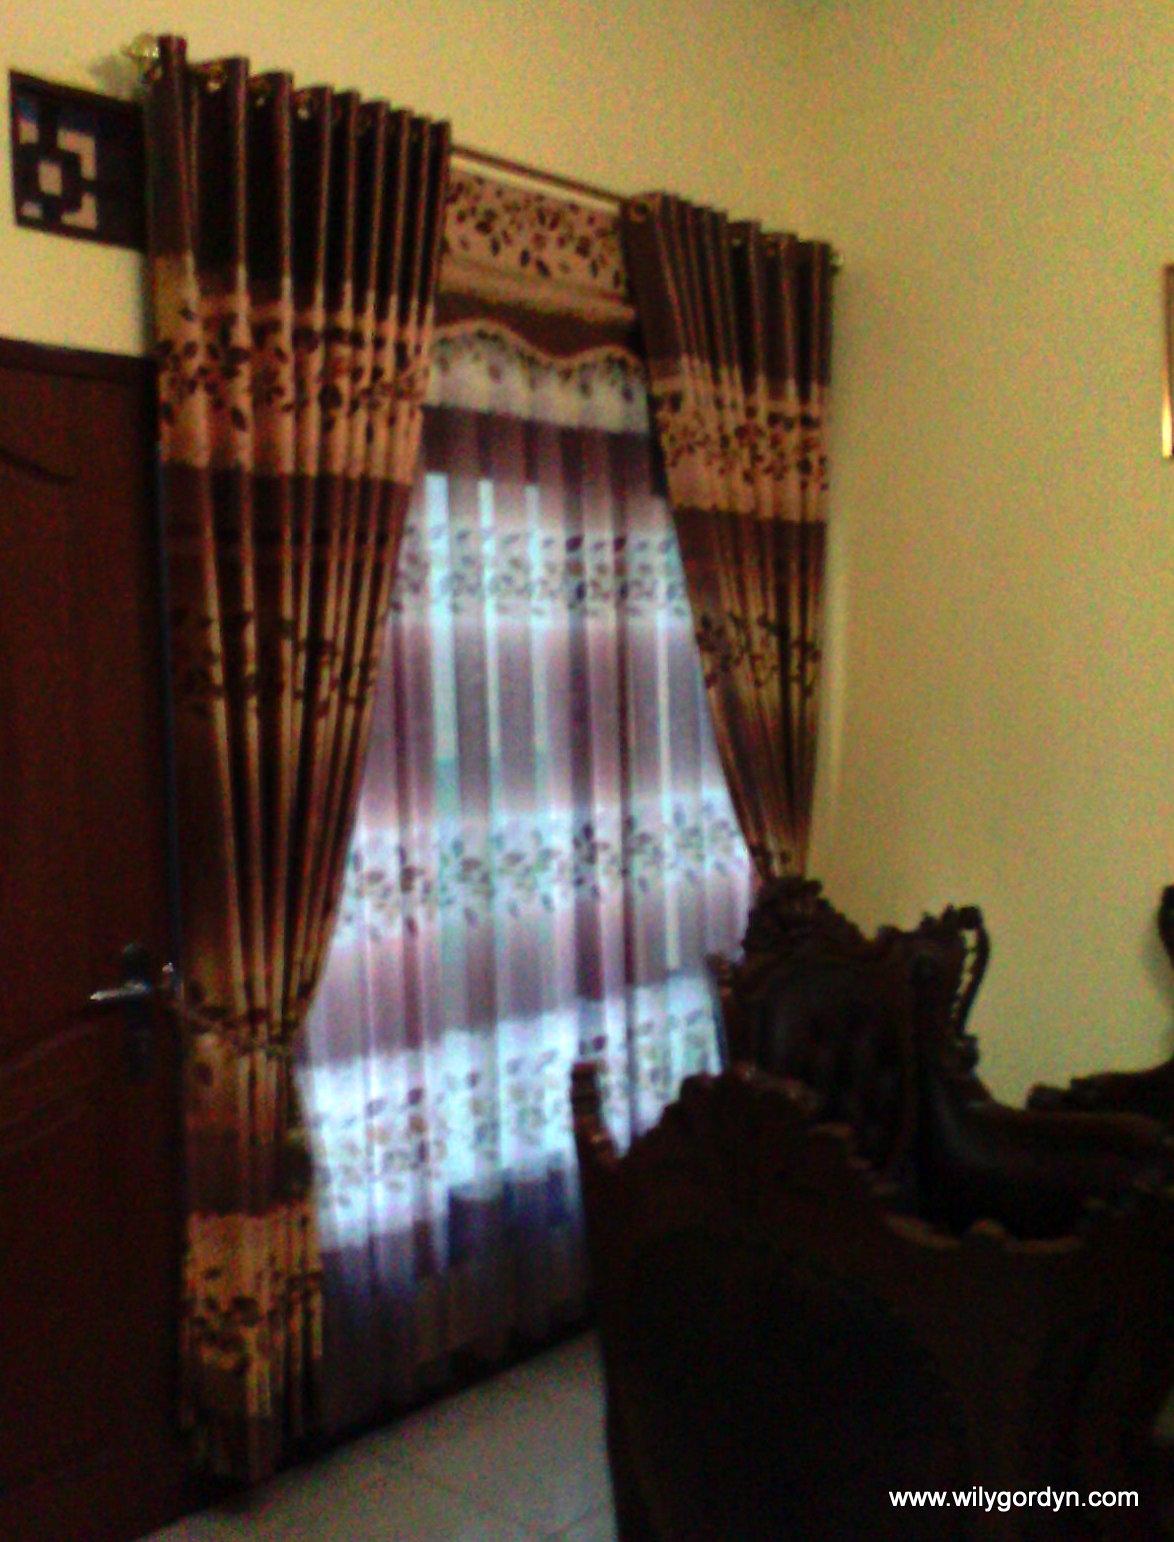 Baru 26 Warna Gorden Untuk Dinding Krem Warna gorden untuk dinding krem